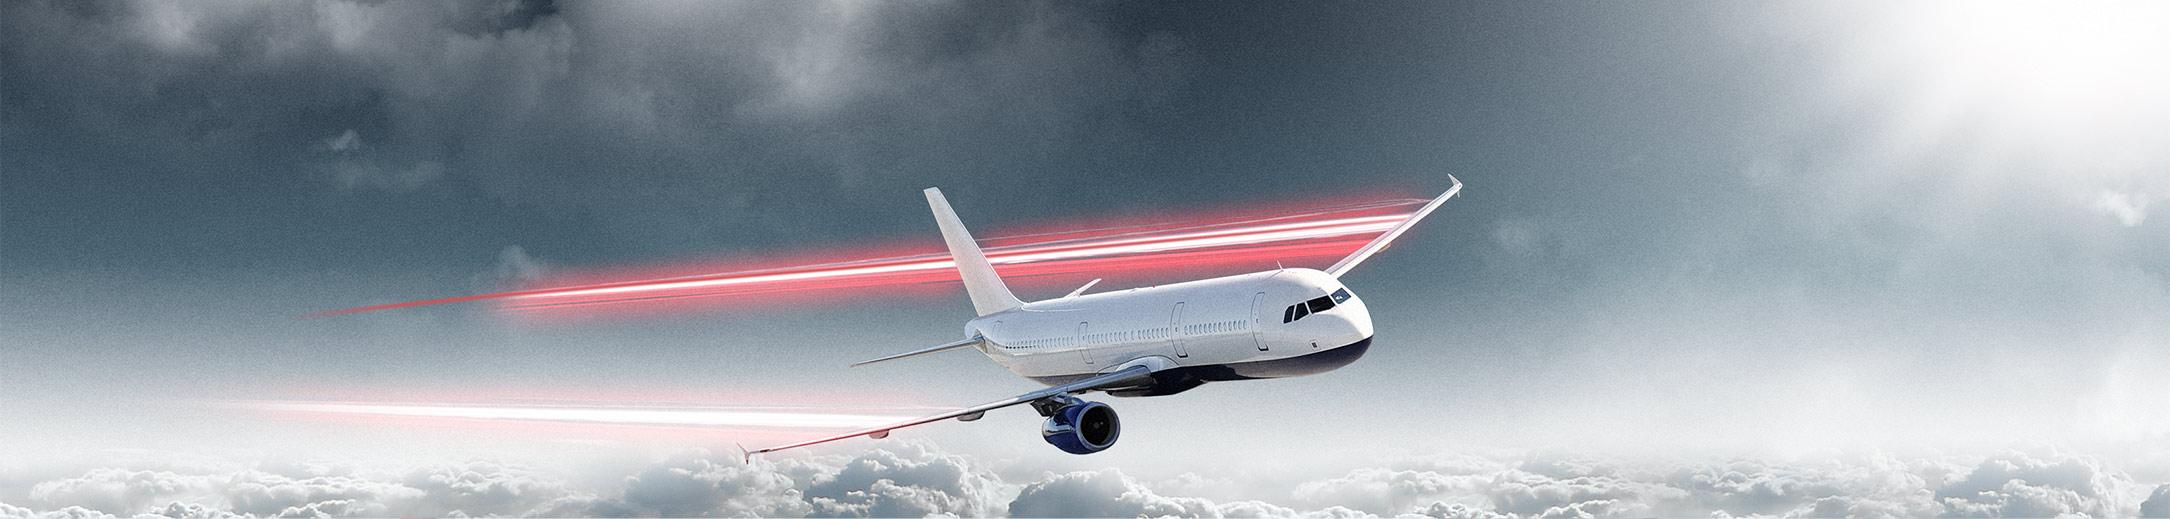 Systra Logistik - Luftfracht